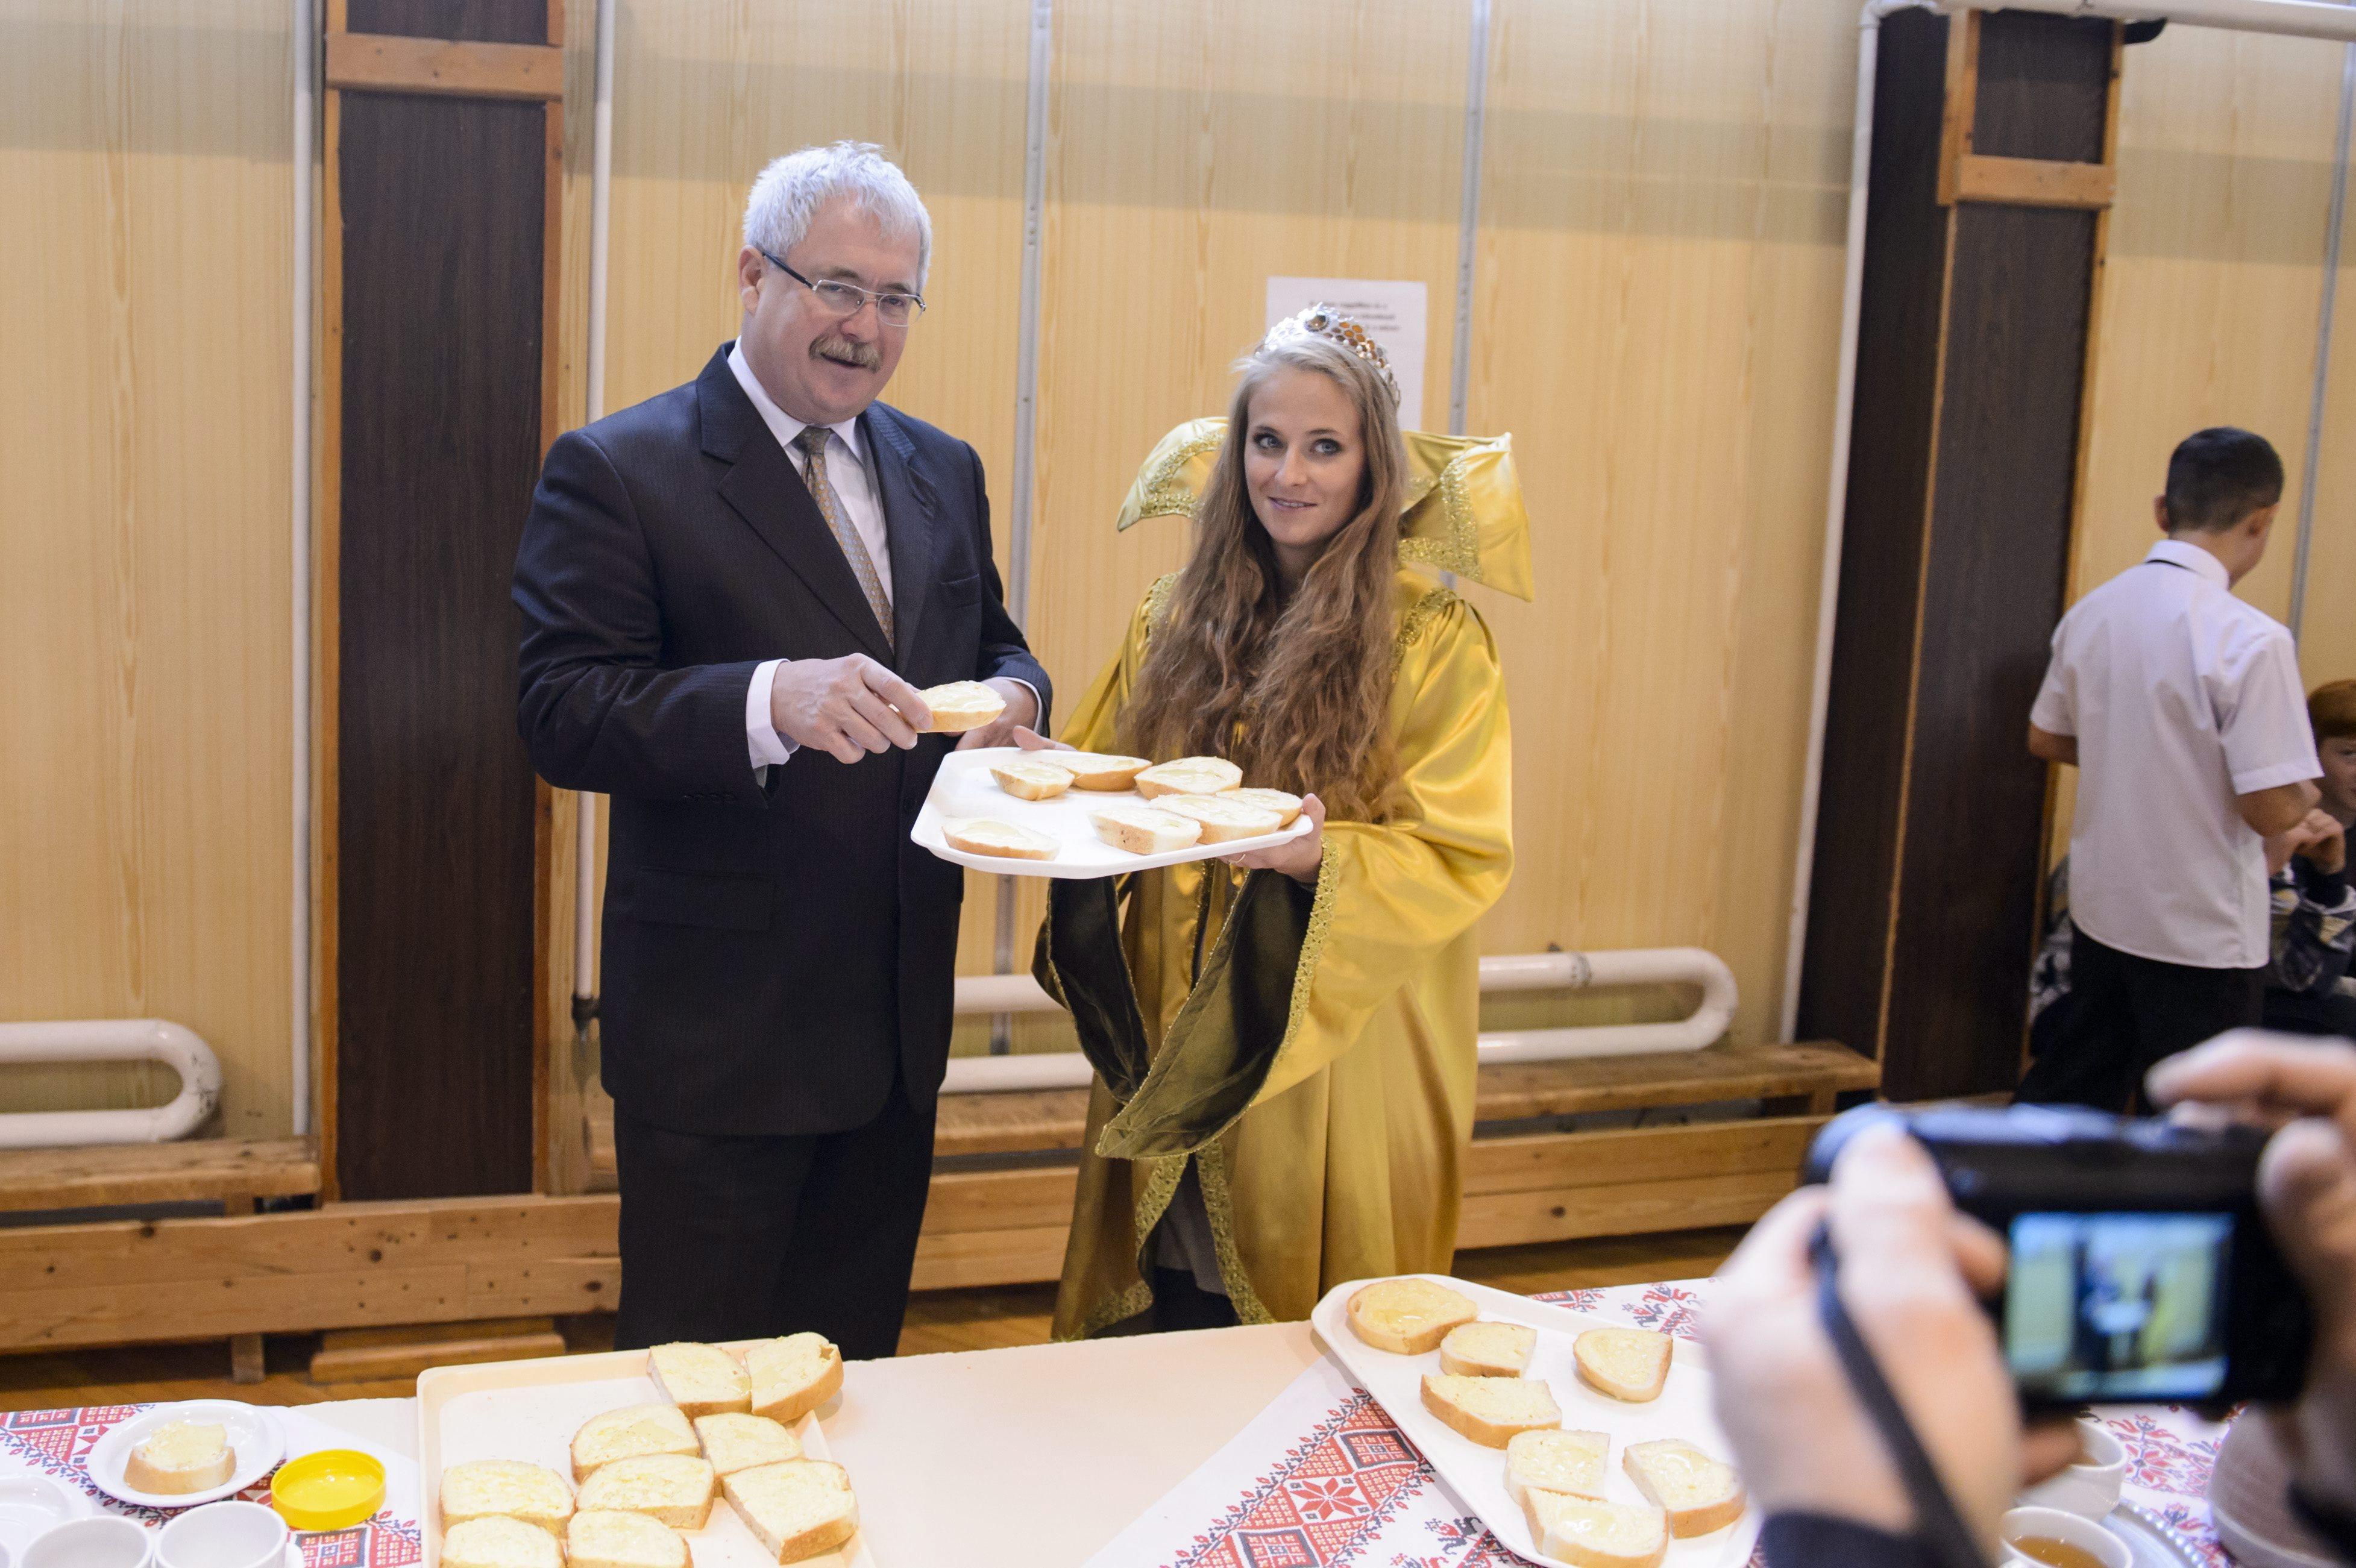 A Földművelésügyi Minisztérium szerint a Magyar Nemzet hamis vádakkal illeti Fazekas elkötelezettségét a GMO-mentességben